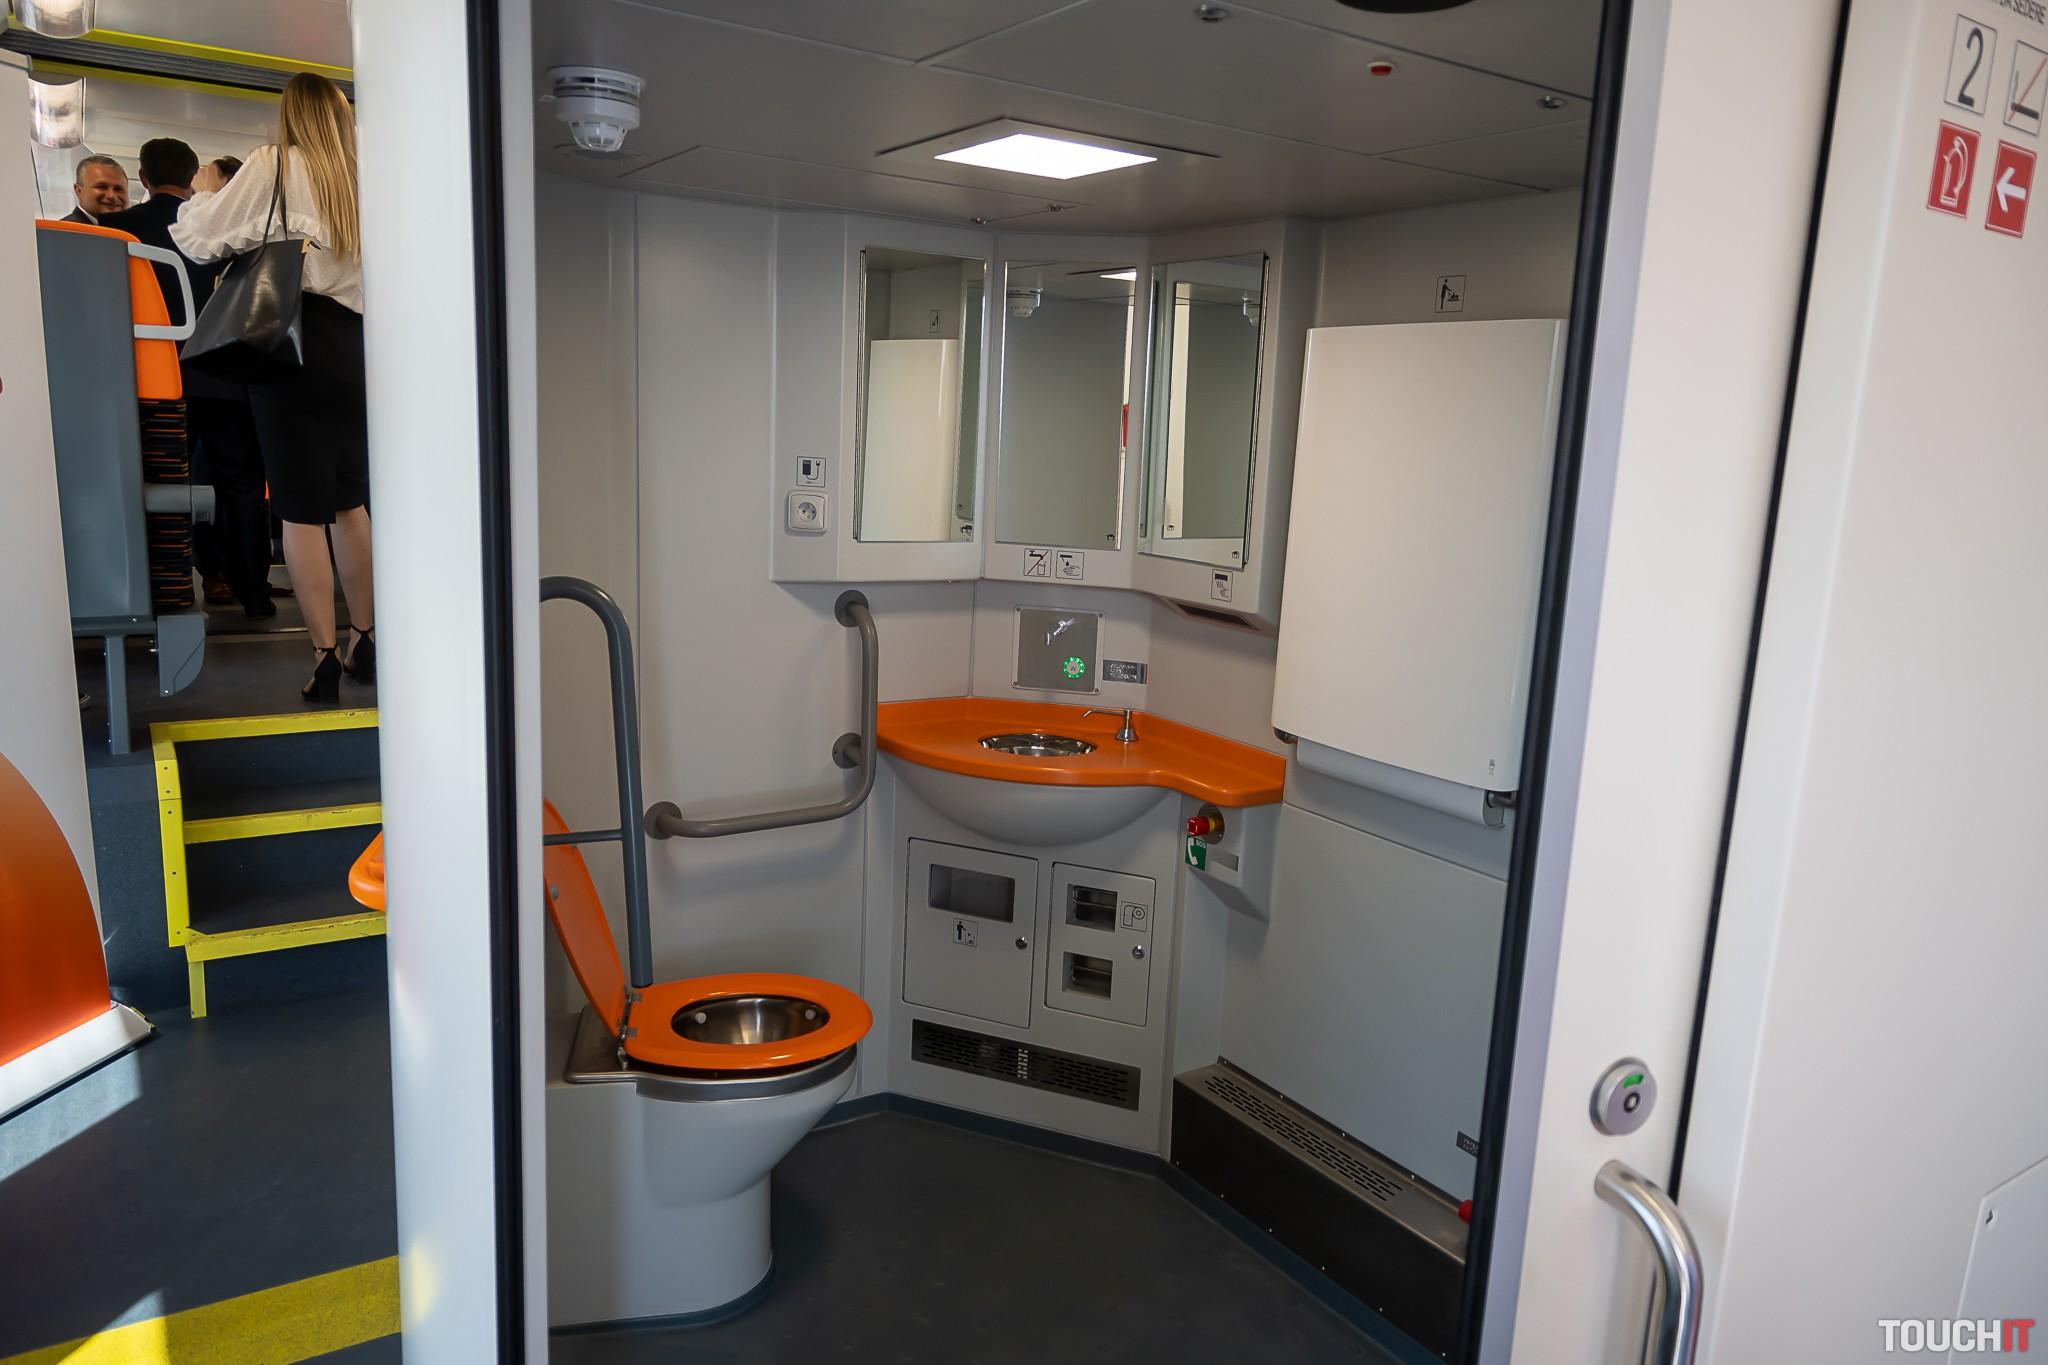 Veľkorozmerná toaleta pre telesne postinutých